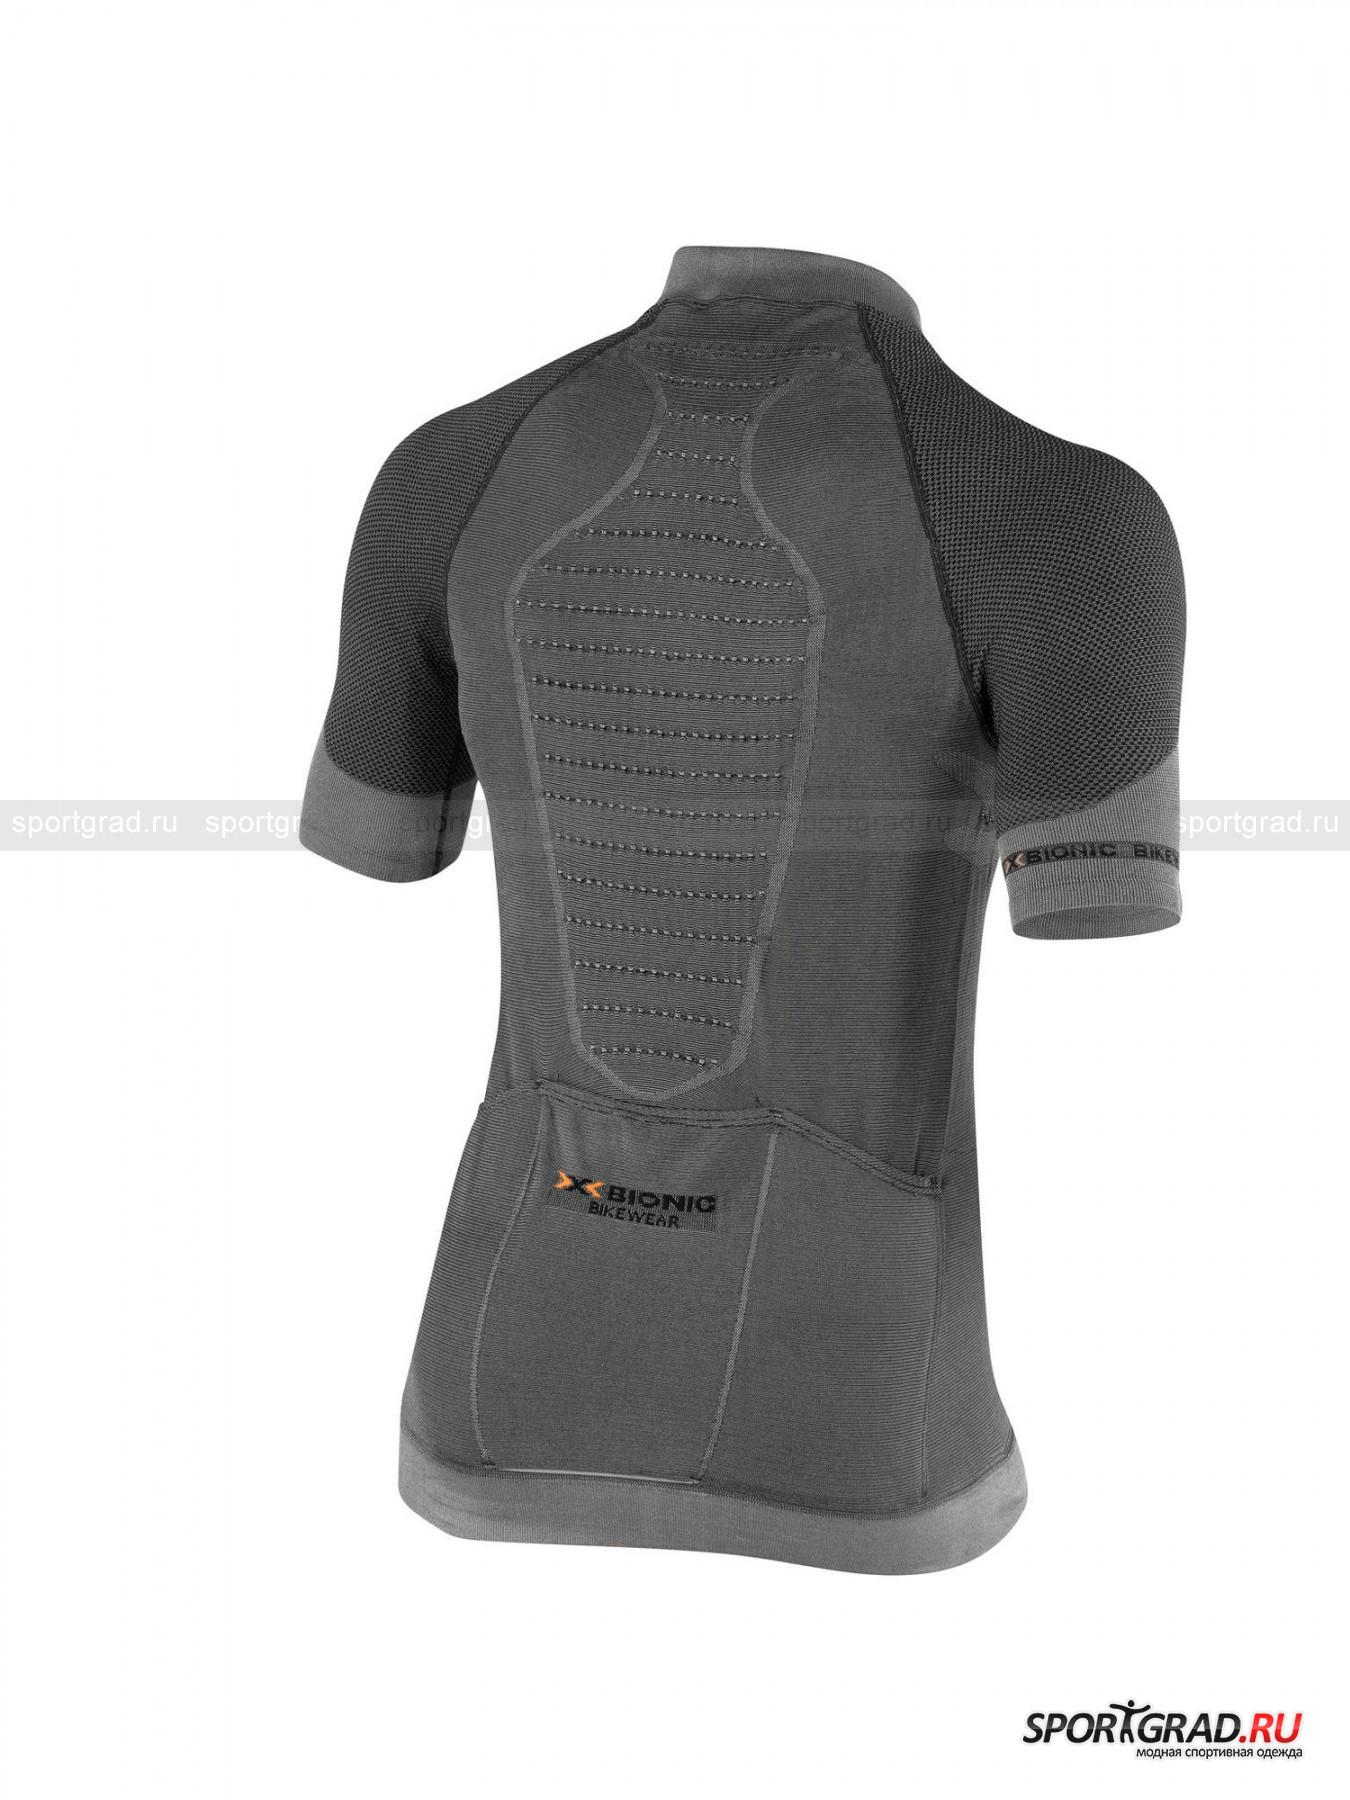 Белье: термофутболка мужская X-BIONIC FENNEC Shirt Short Sleeves Zip Up с коротким рукавом для велоспорта от Спортград